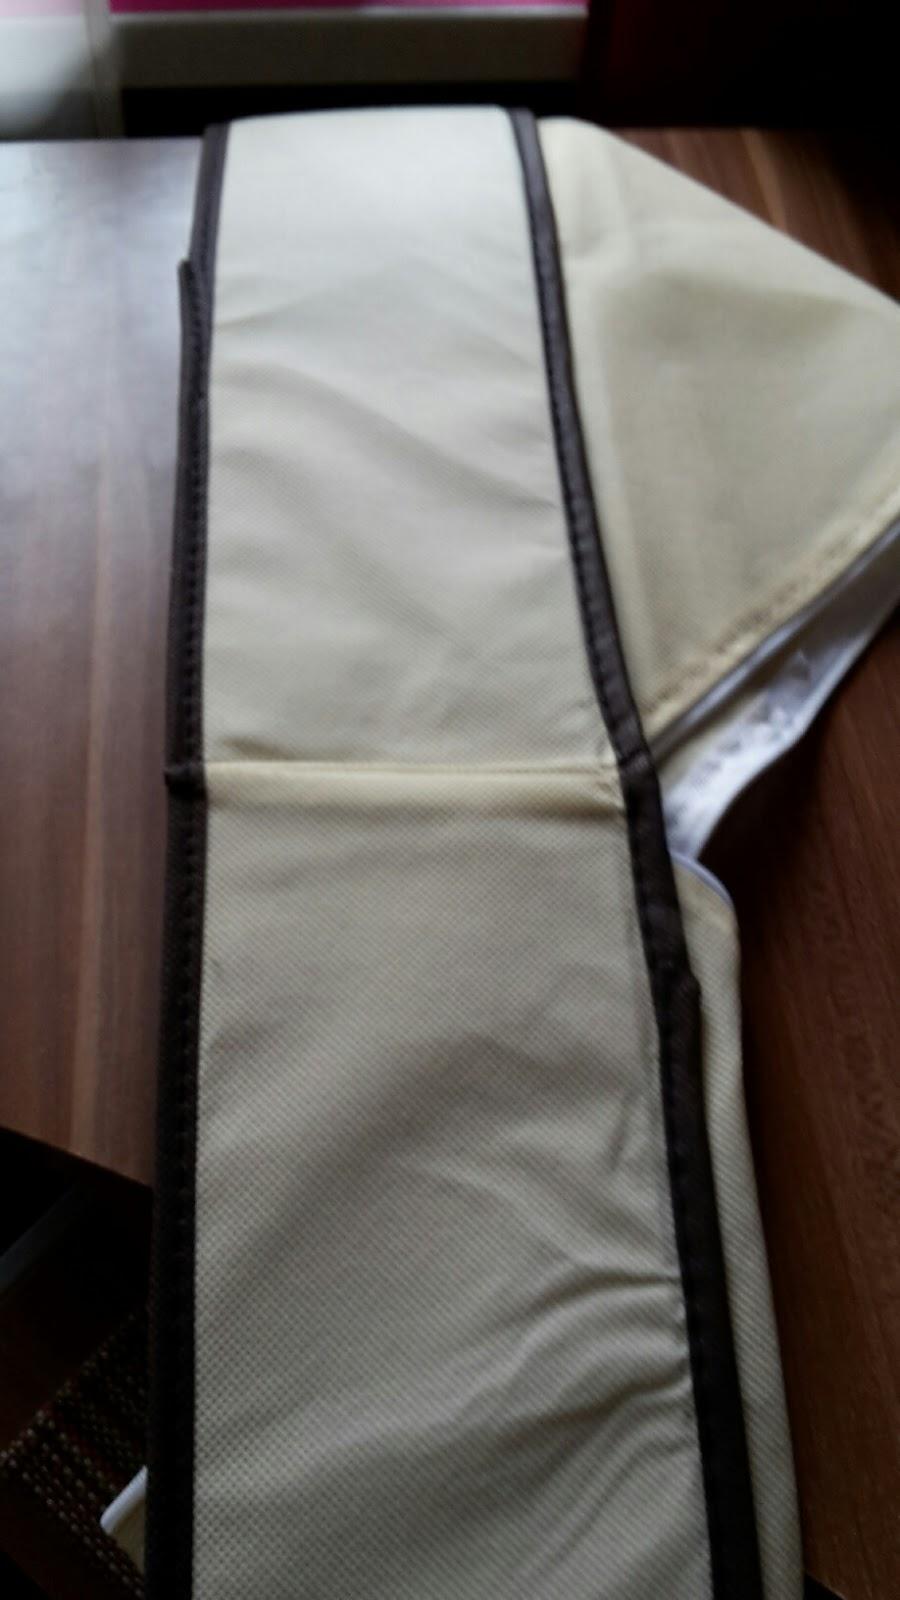 lahr2006 testet fetoo 4er set schublade schrank. Black Bedroom Furniture Sets. Home Design Ideas